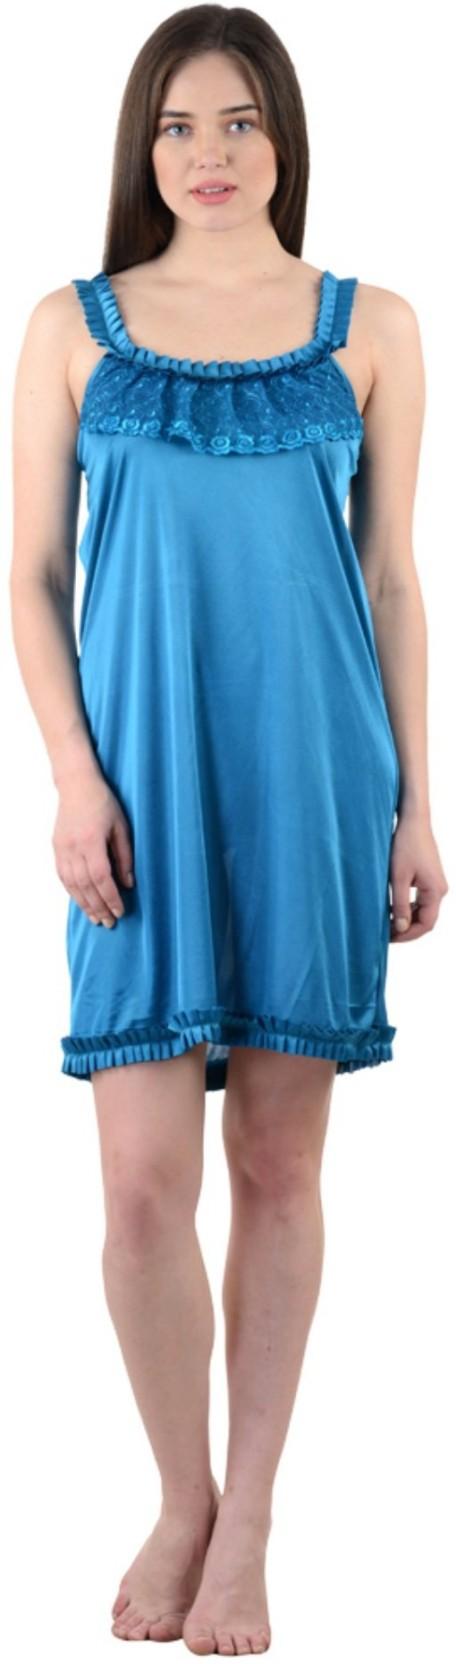 Kissero Women s Nighty - Buy Kissero Women s Nighty Online at Best ... 0312770ee